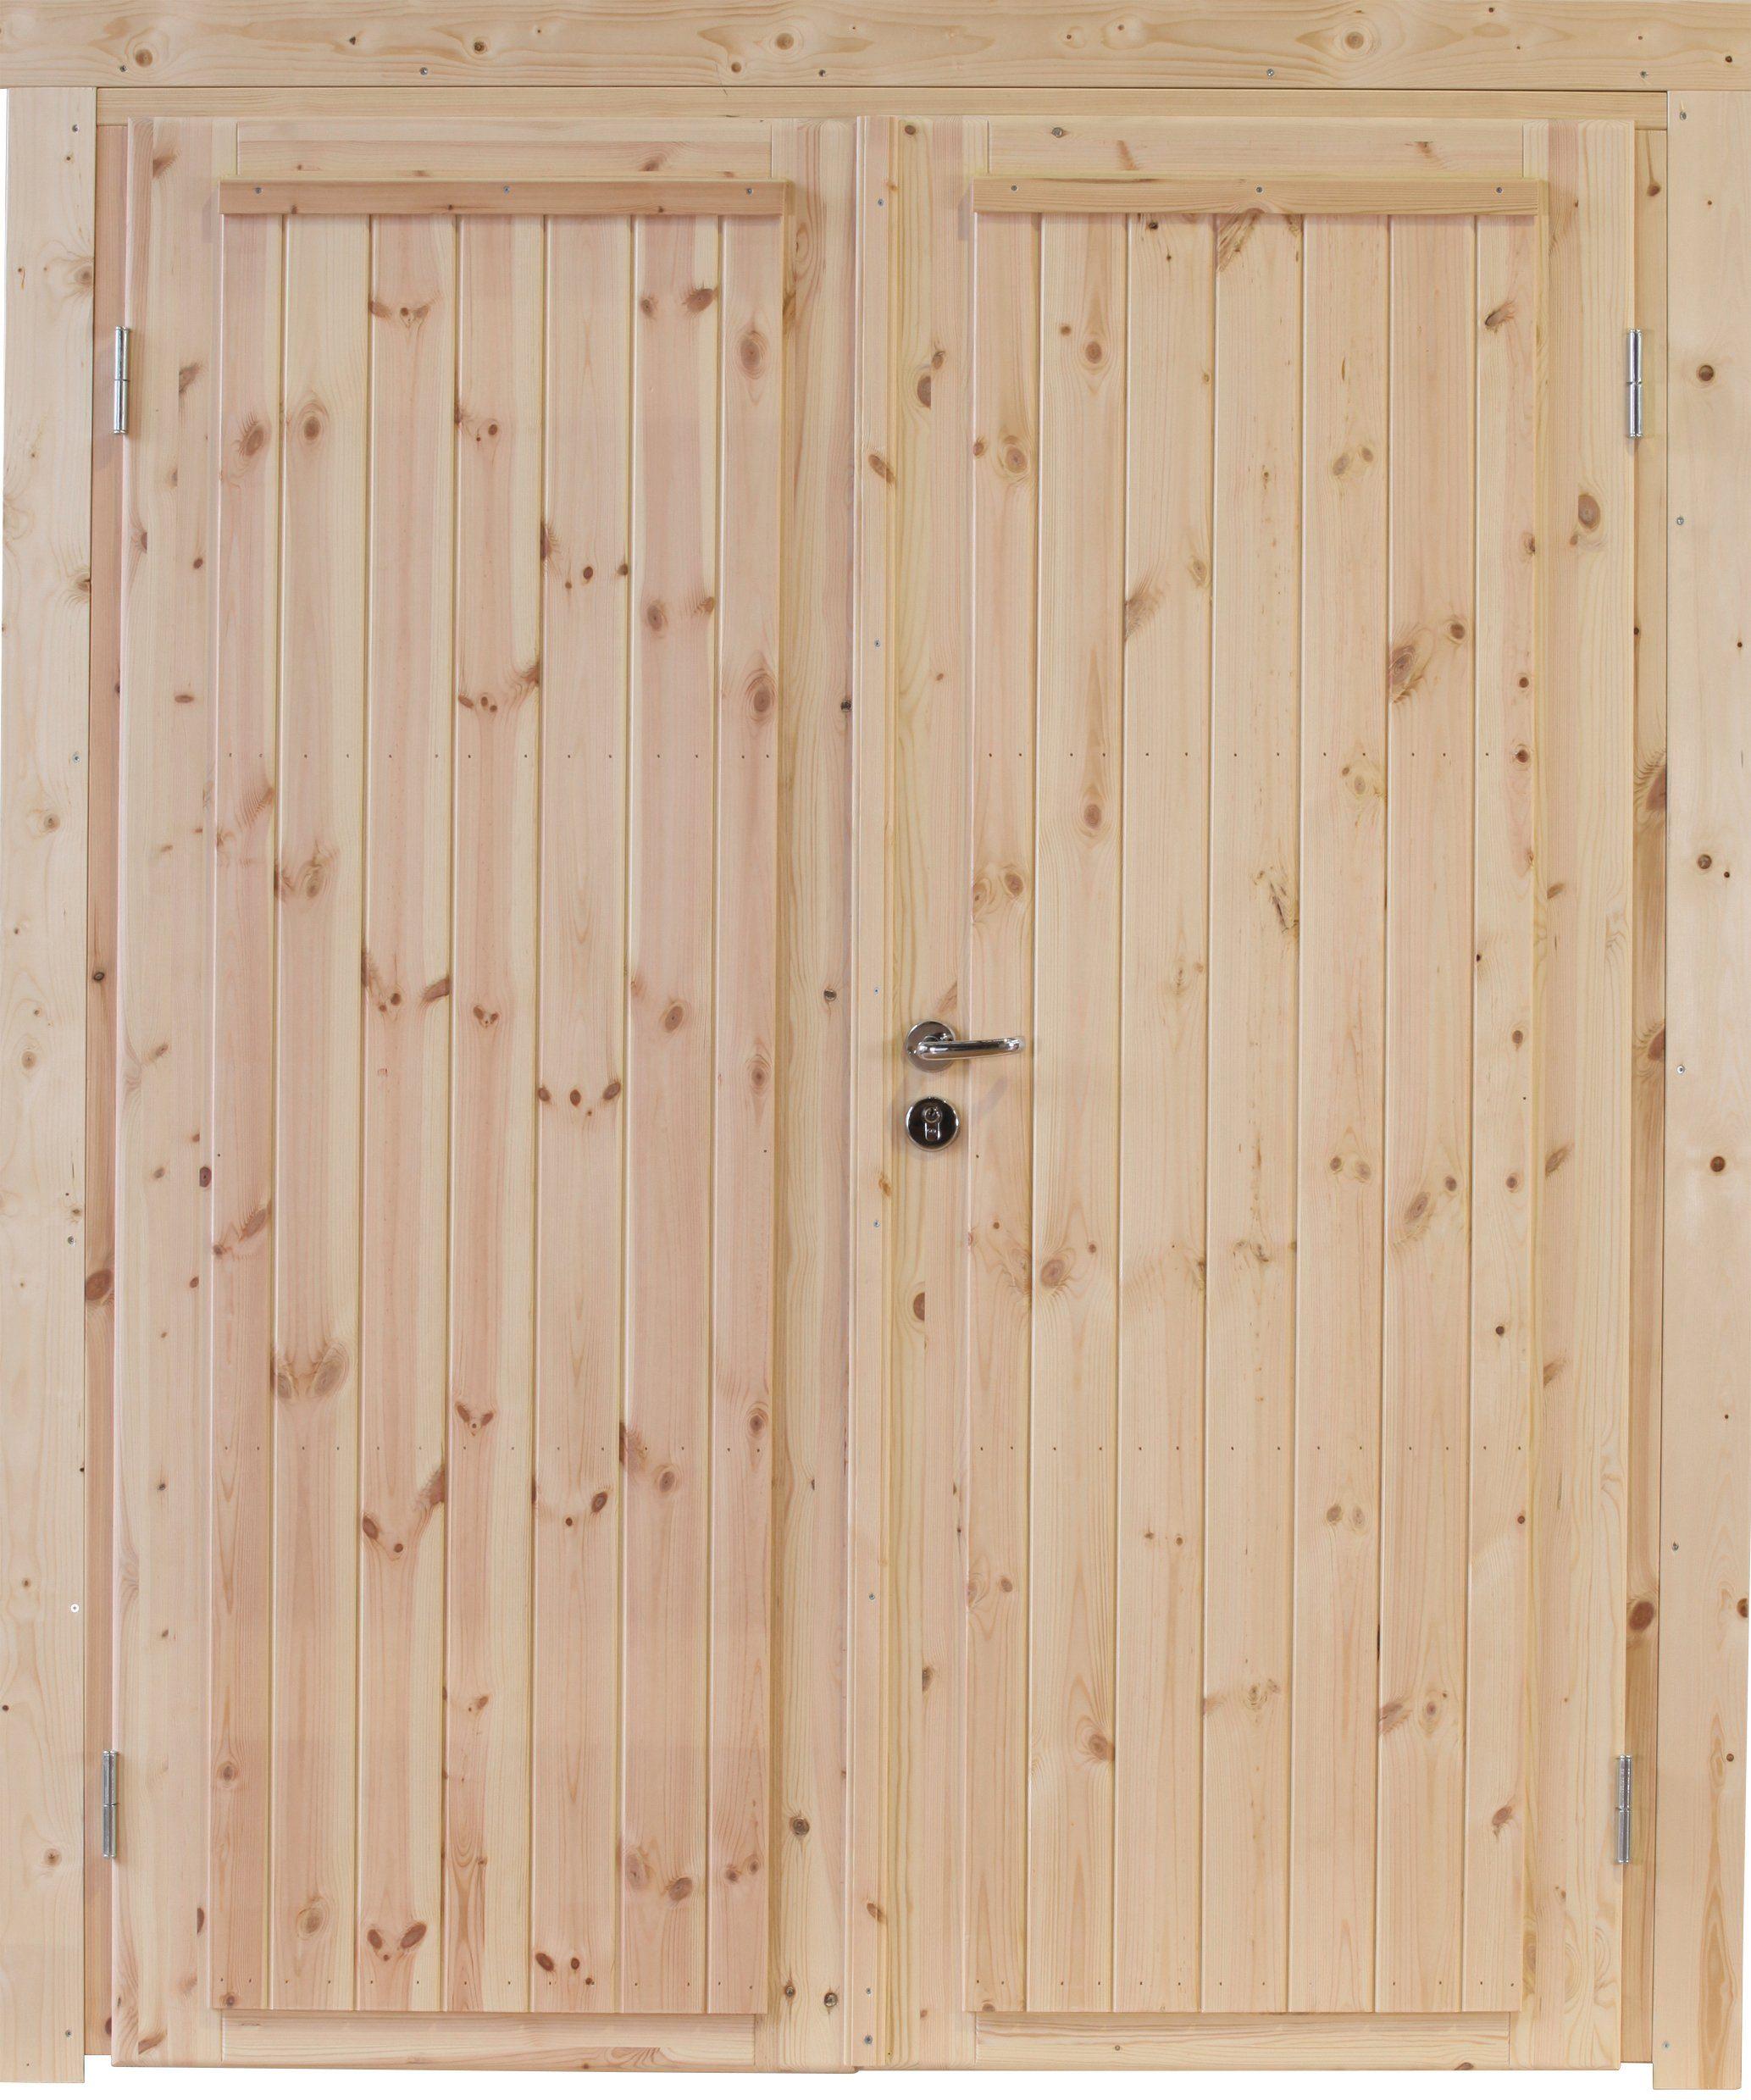 WOLFF Doppeltür »Knut 40«, BxH: 158,8x196,5 cm